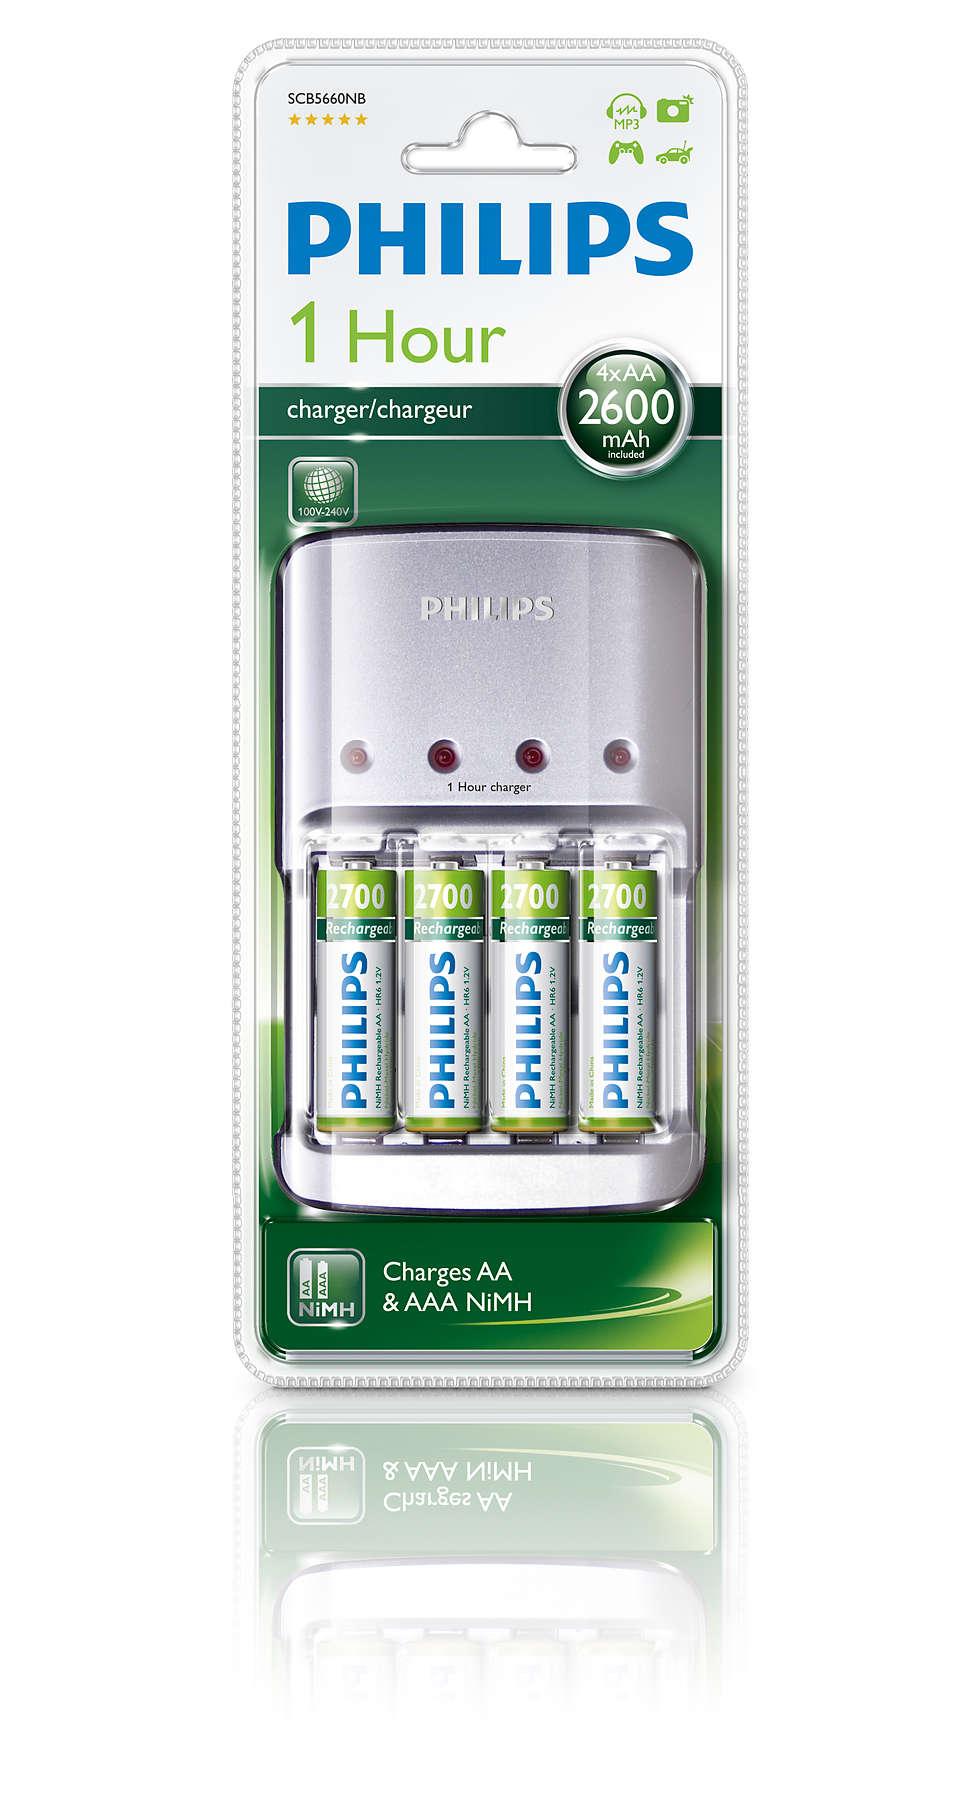 2 tot 4 AA-/AAA-batterijen opladen in 1 uur